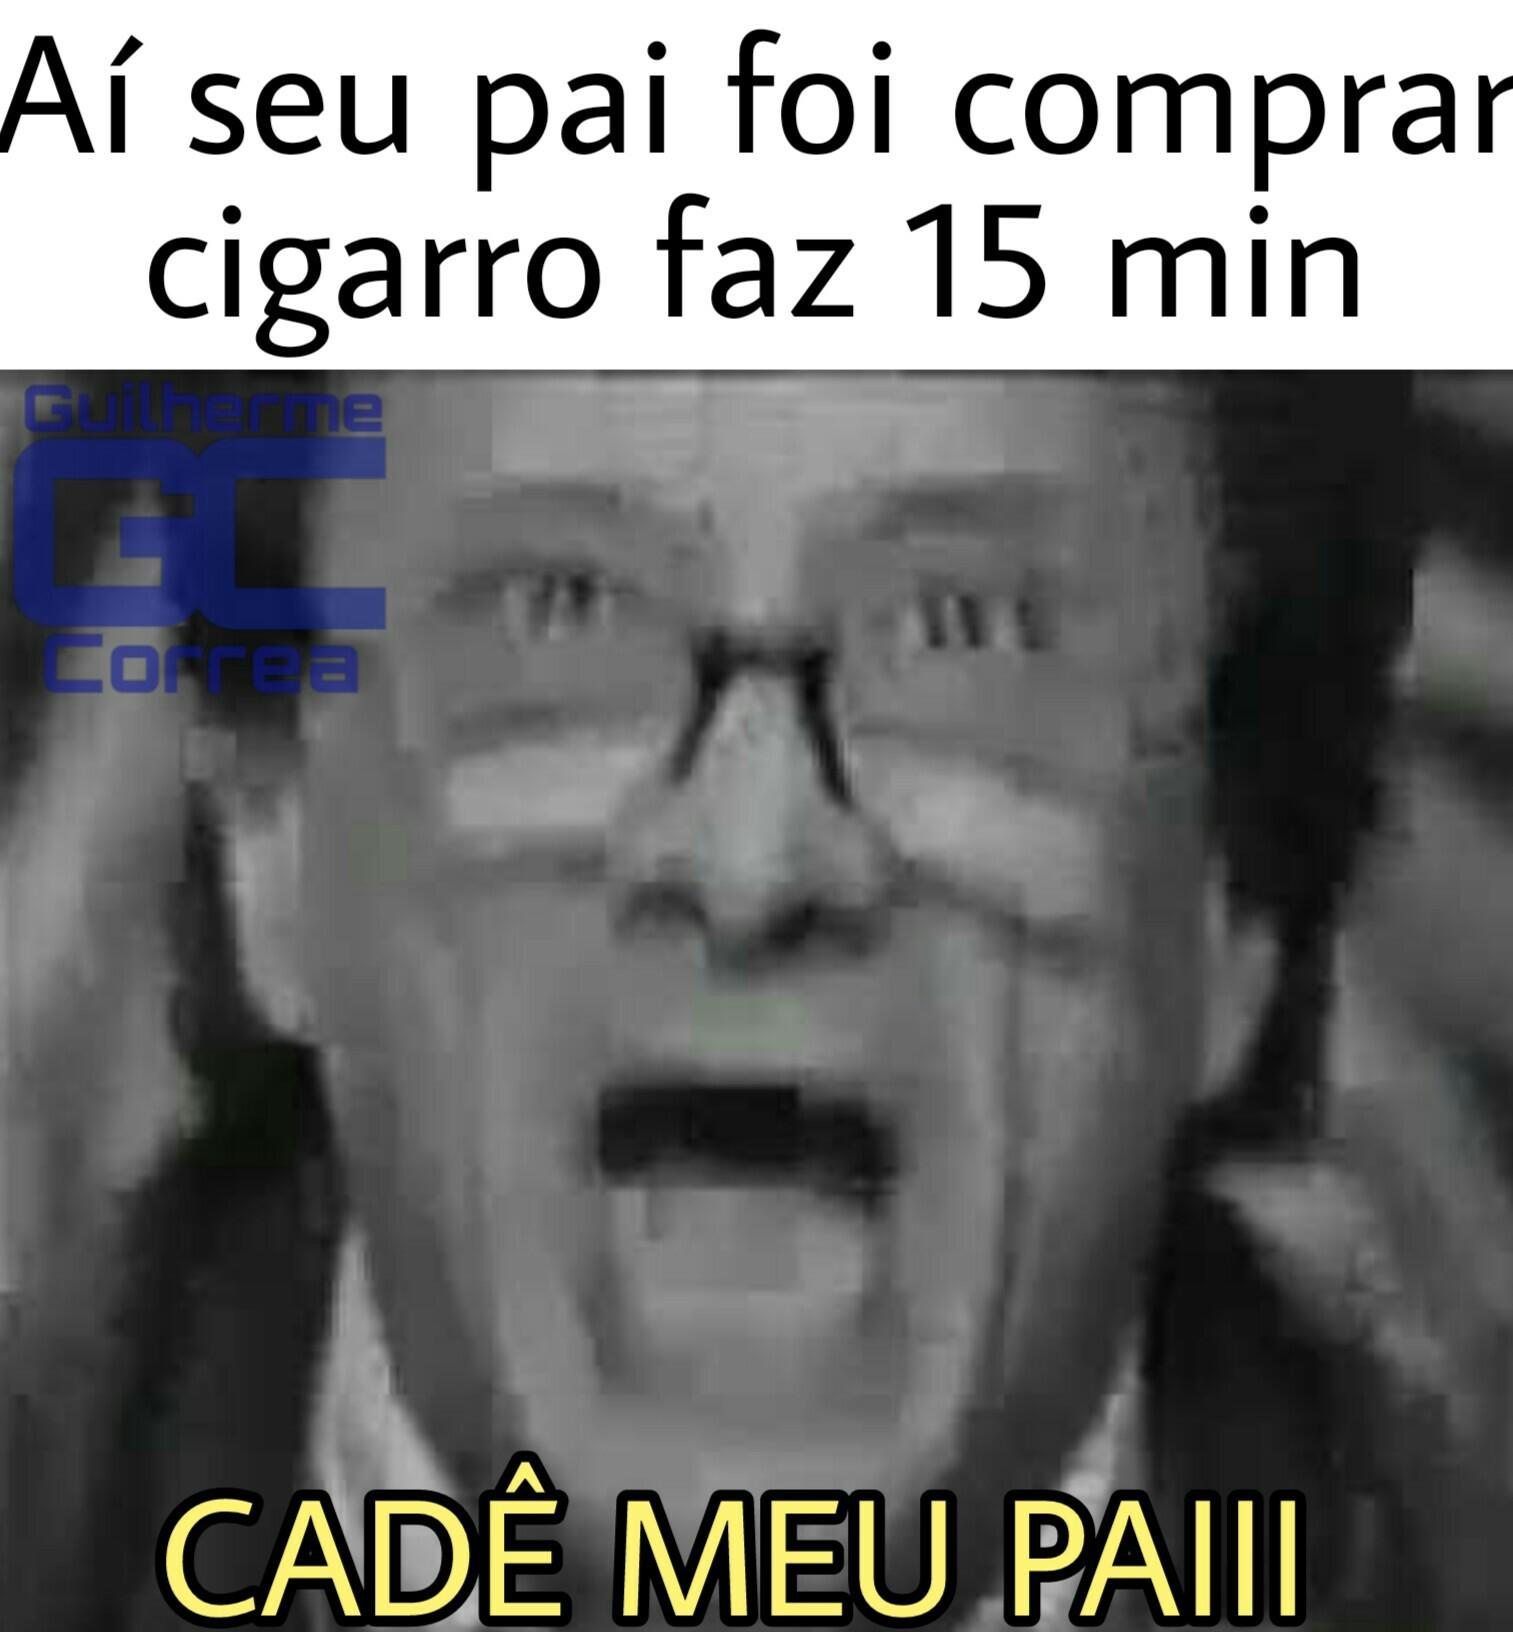 CADEEEEEEE - meme